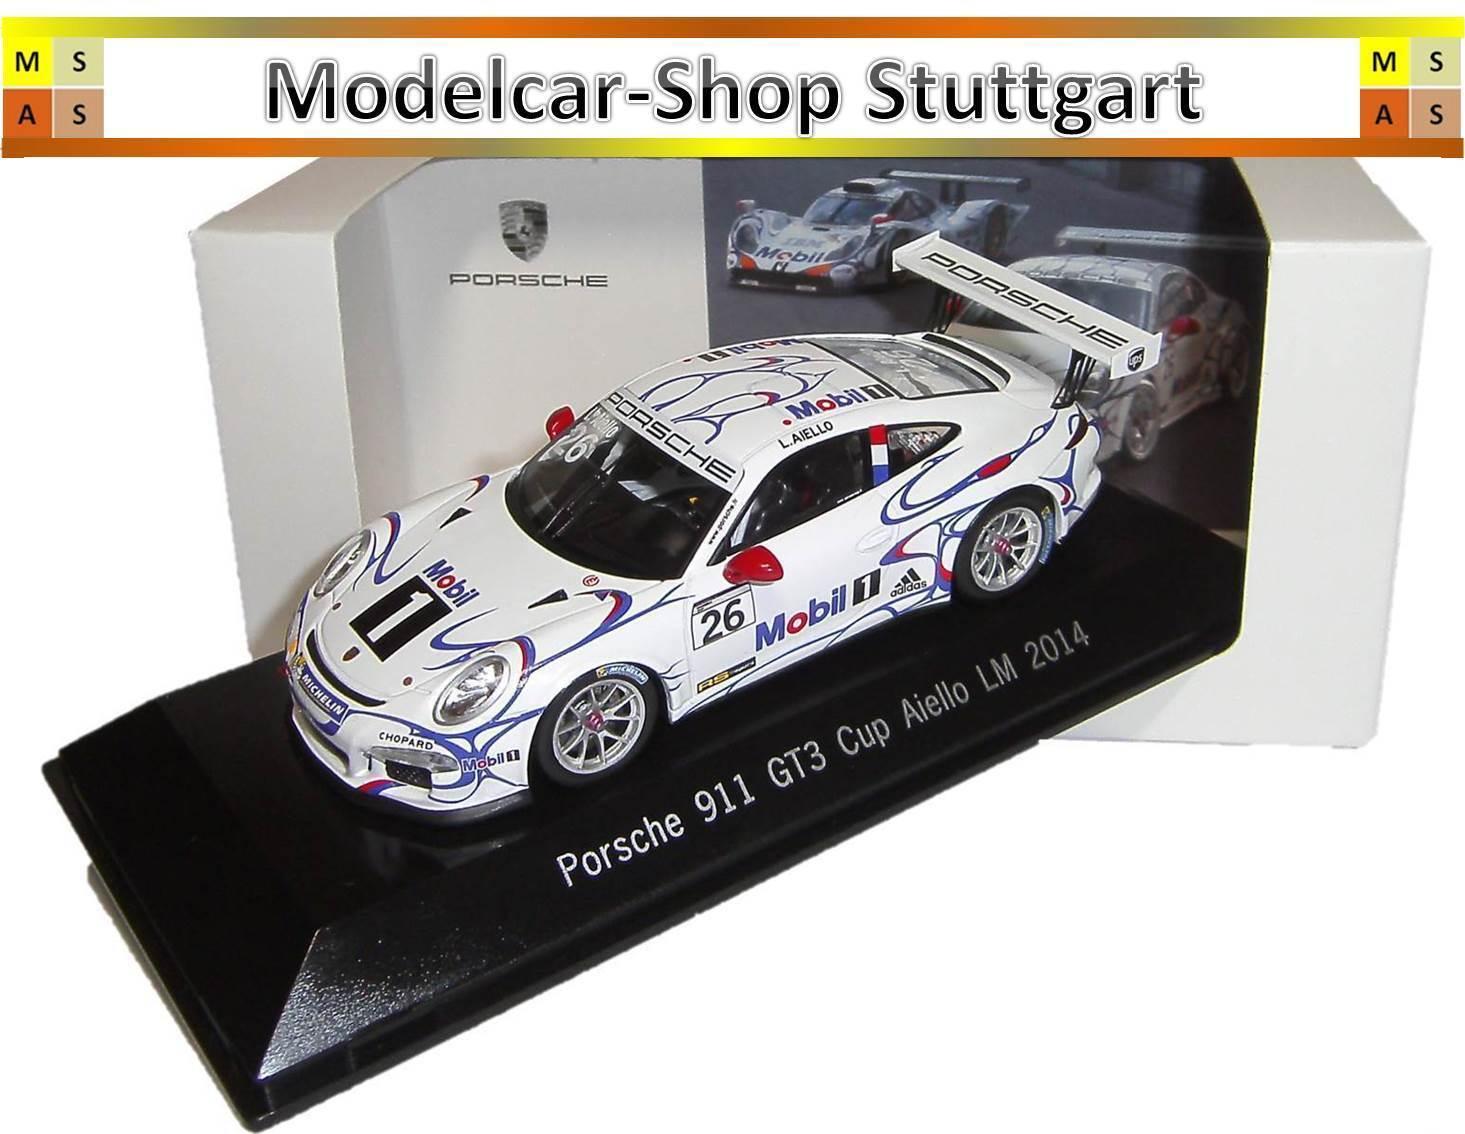 Porsche 911 GT3 Cup Cup Cup Aiello Le Mans 2014 - Spark 1 43 - map02099214 - NEW 69efbb